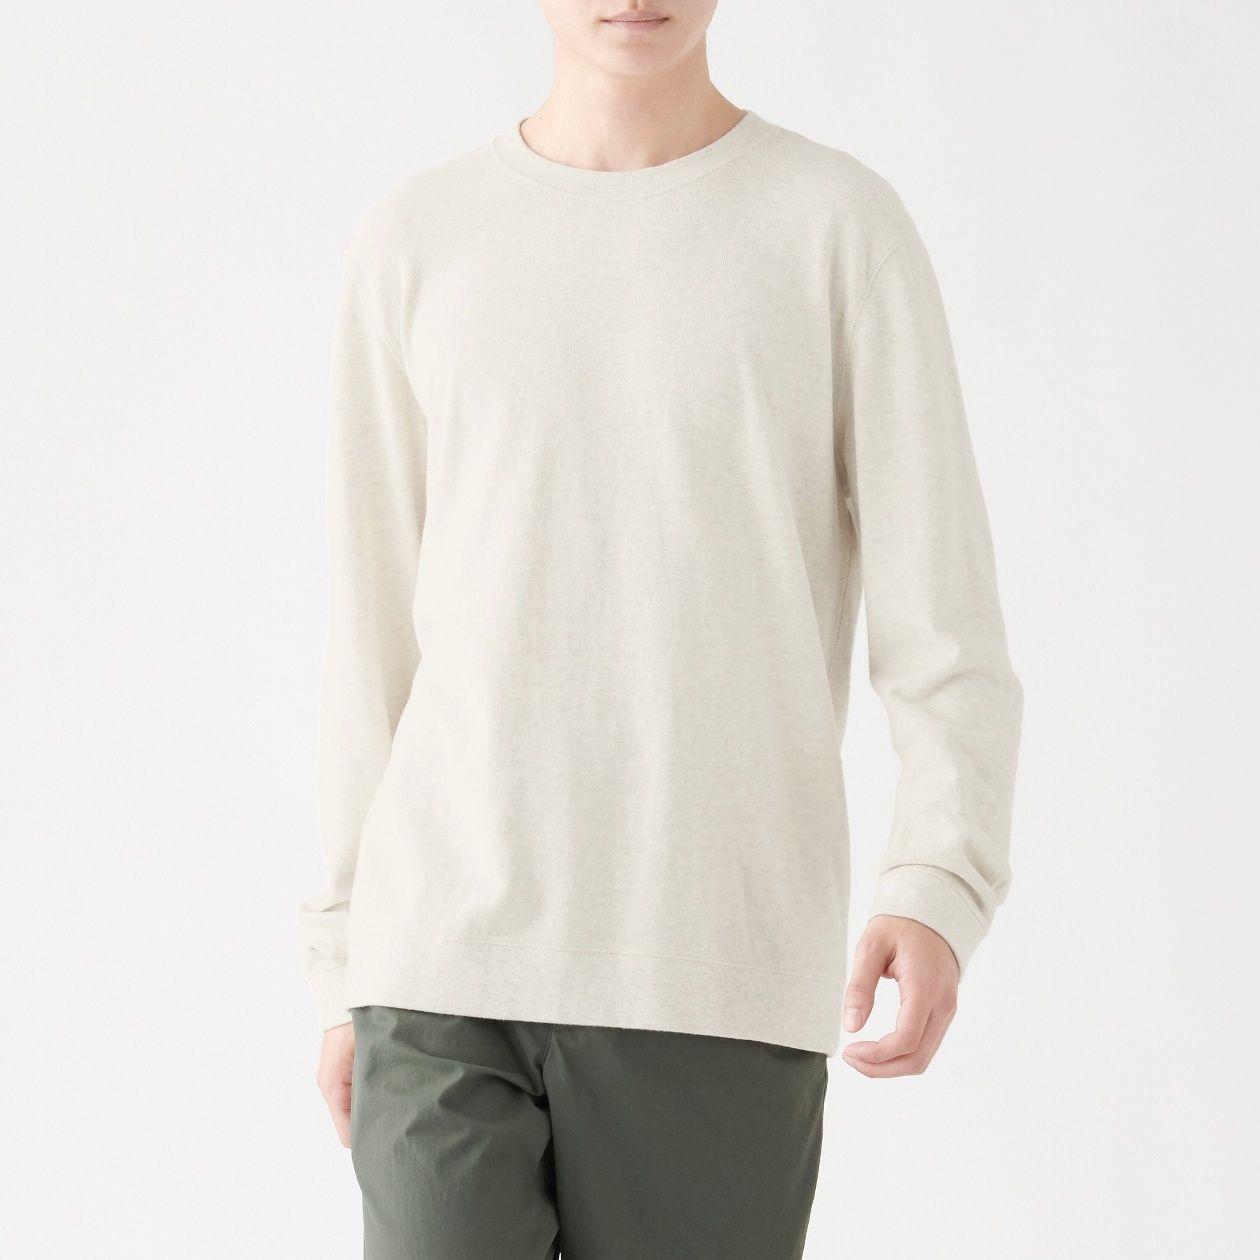 新疆綿 天竺編み甘撚り長袖Tシャツ